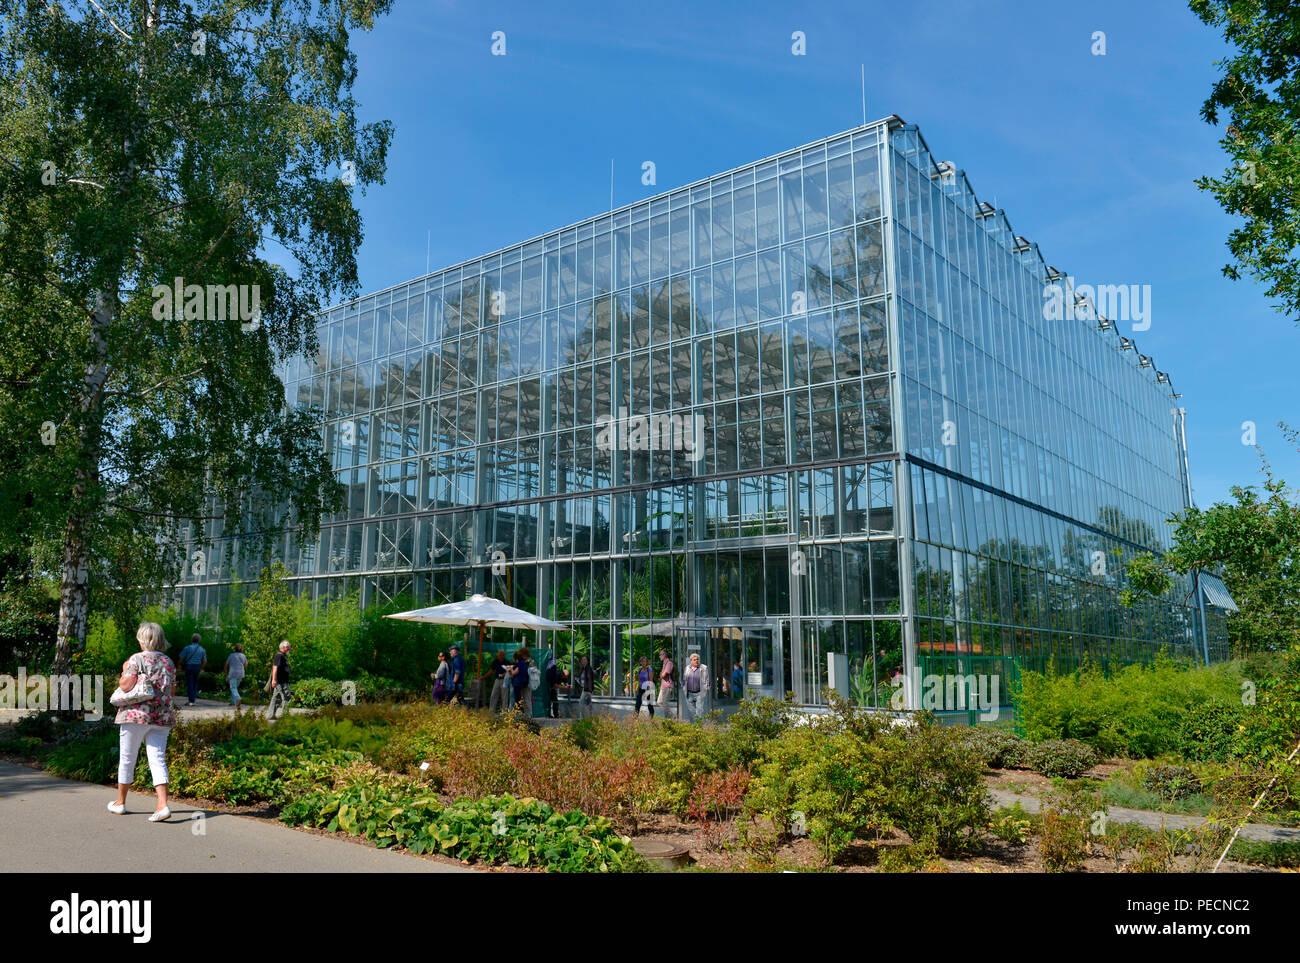 greenhouse greenhouses glasshouse glasshouses stock photos greenhouse greenhouses glasshouse. Black Bedroom Furniture Sets. Home Design Ideas